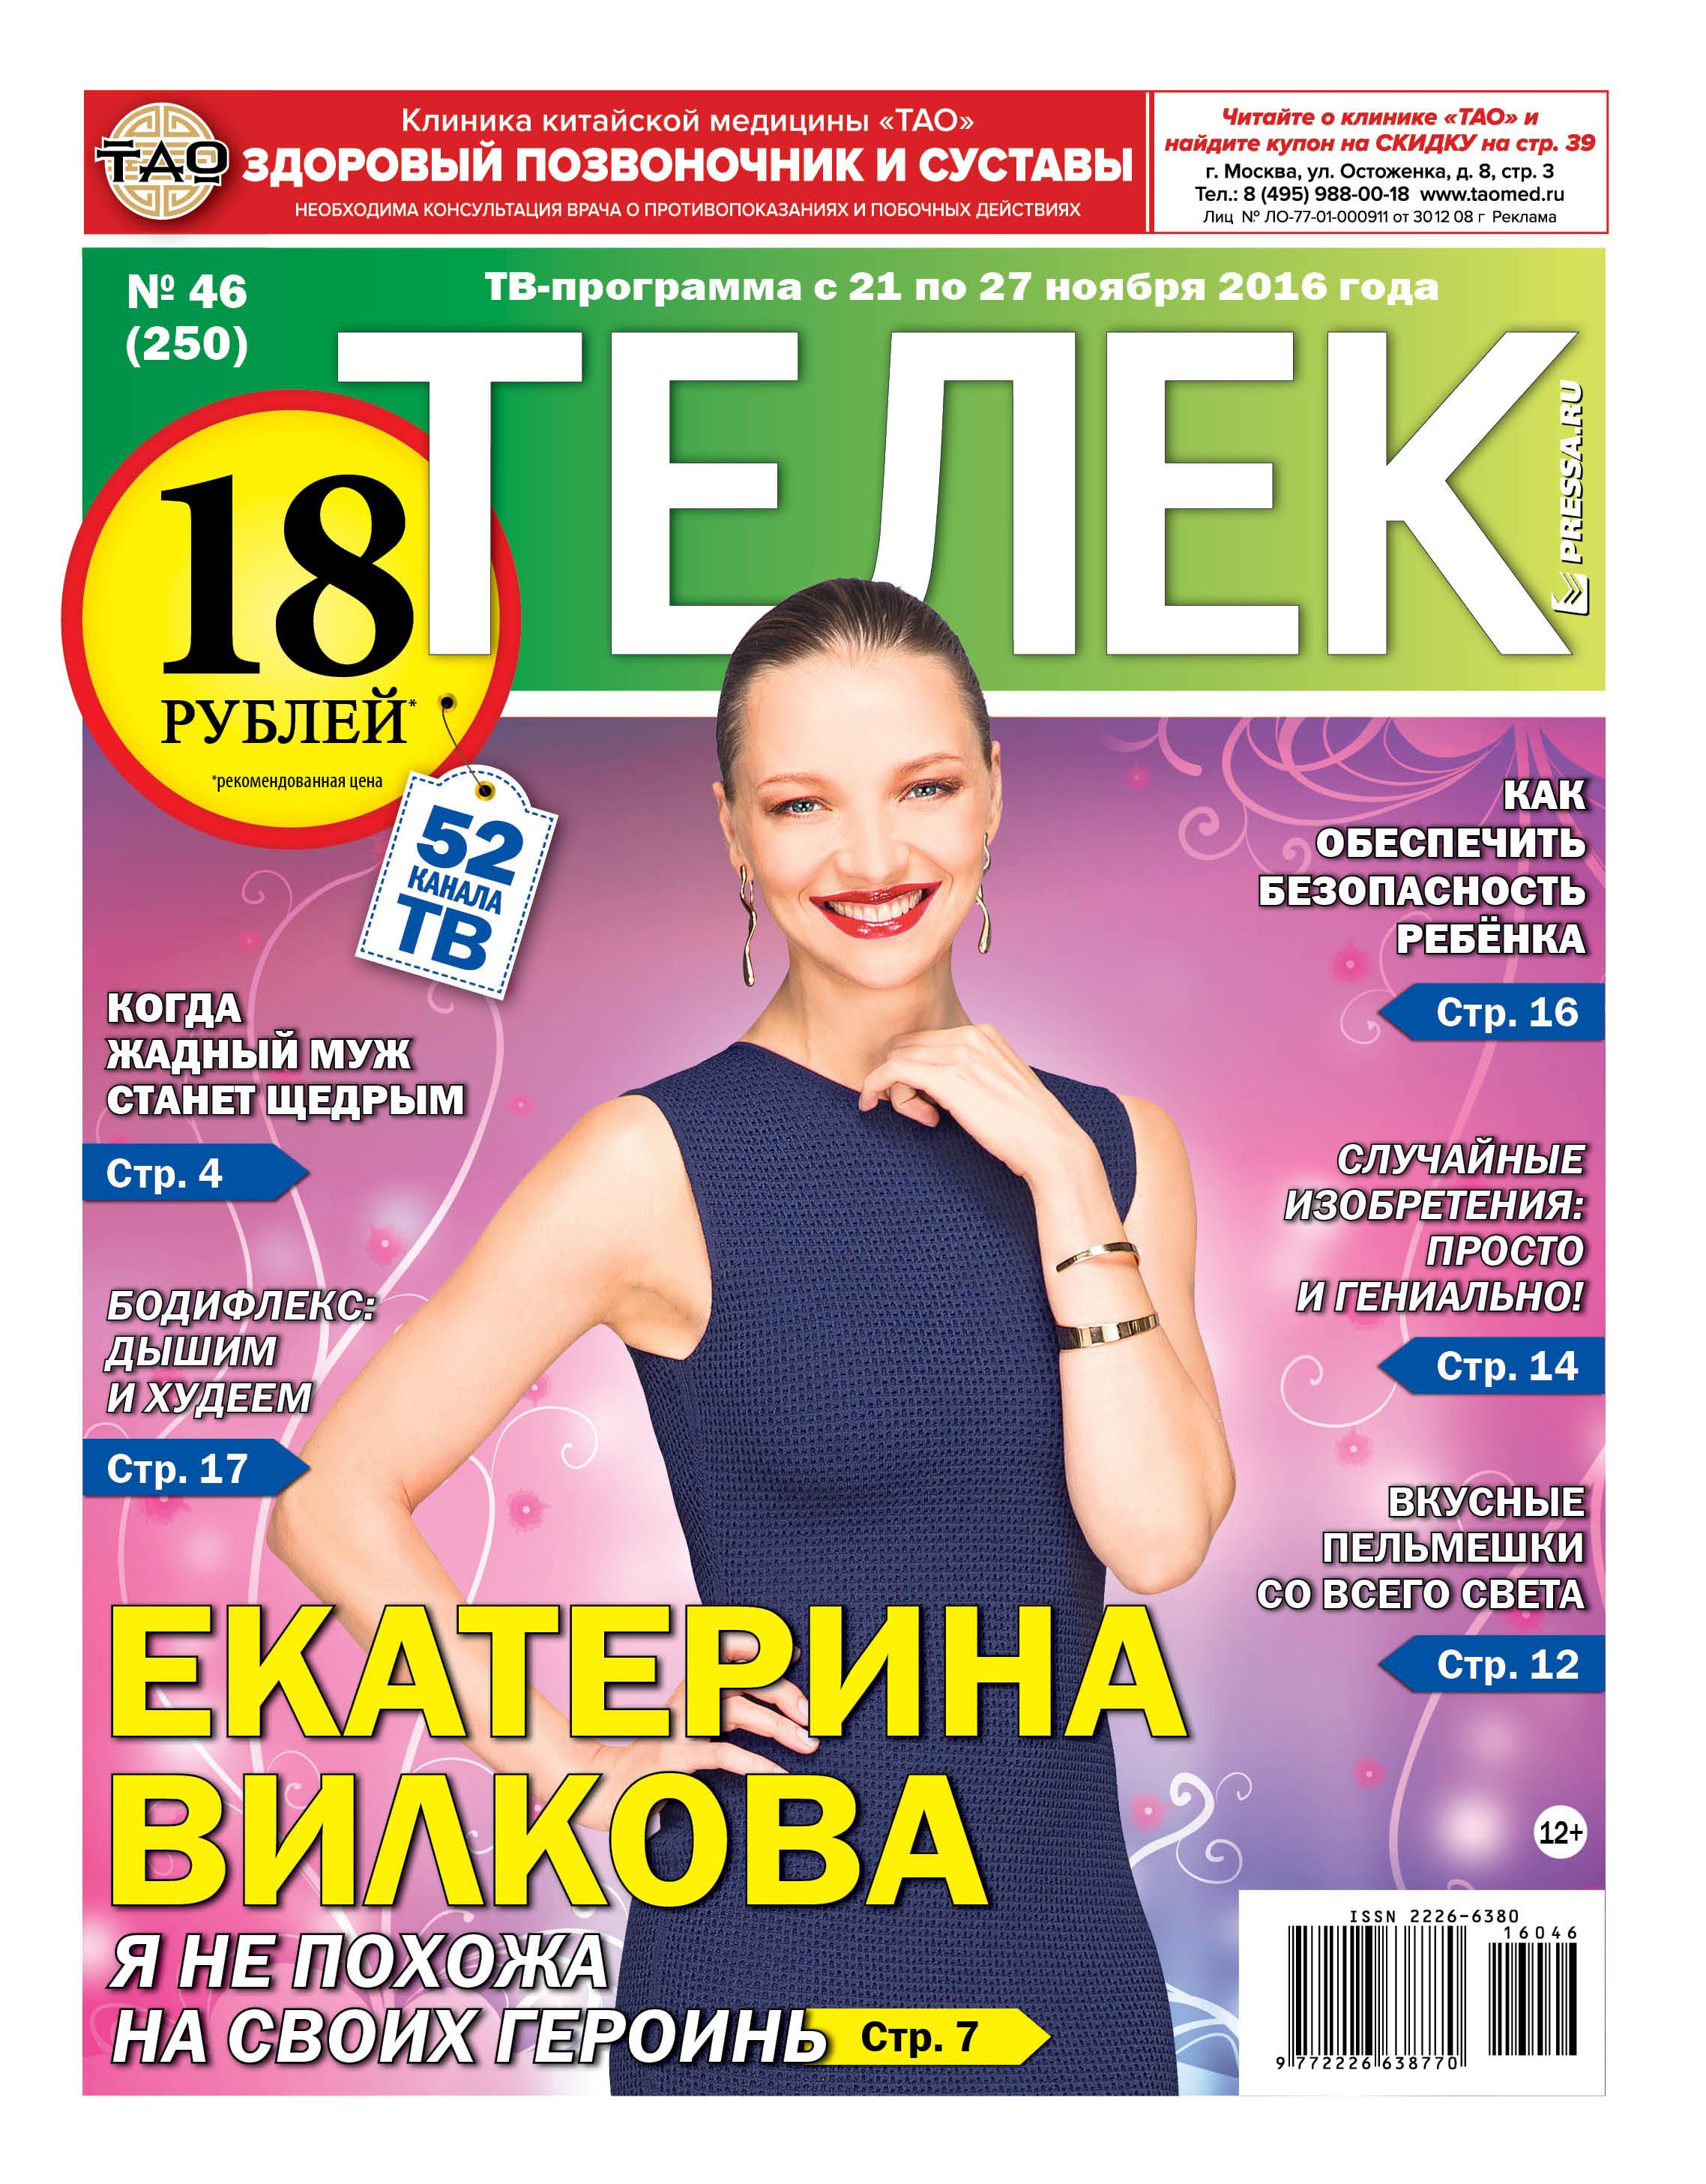 №46 (250) Екатерина Вилкова